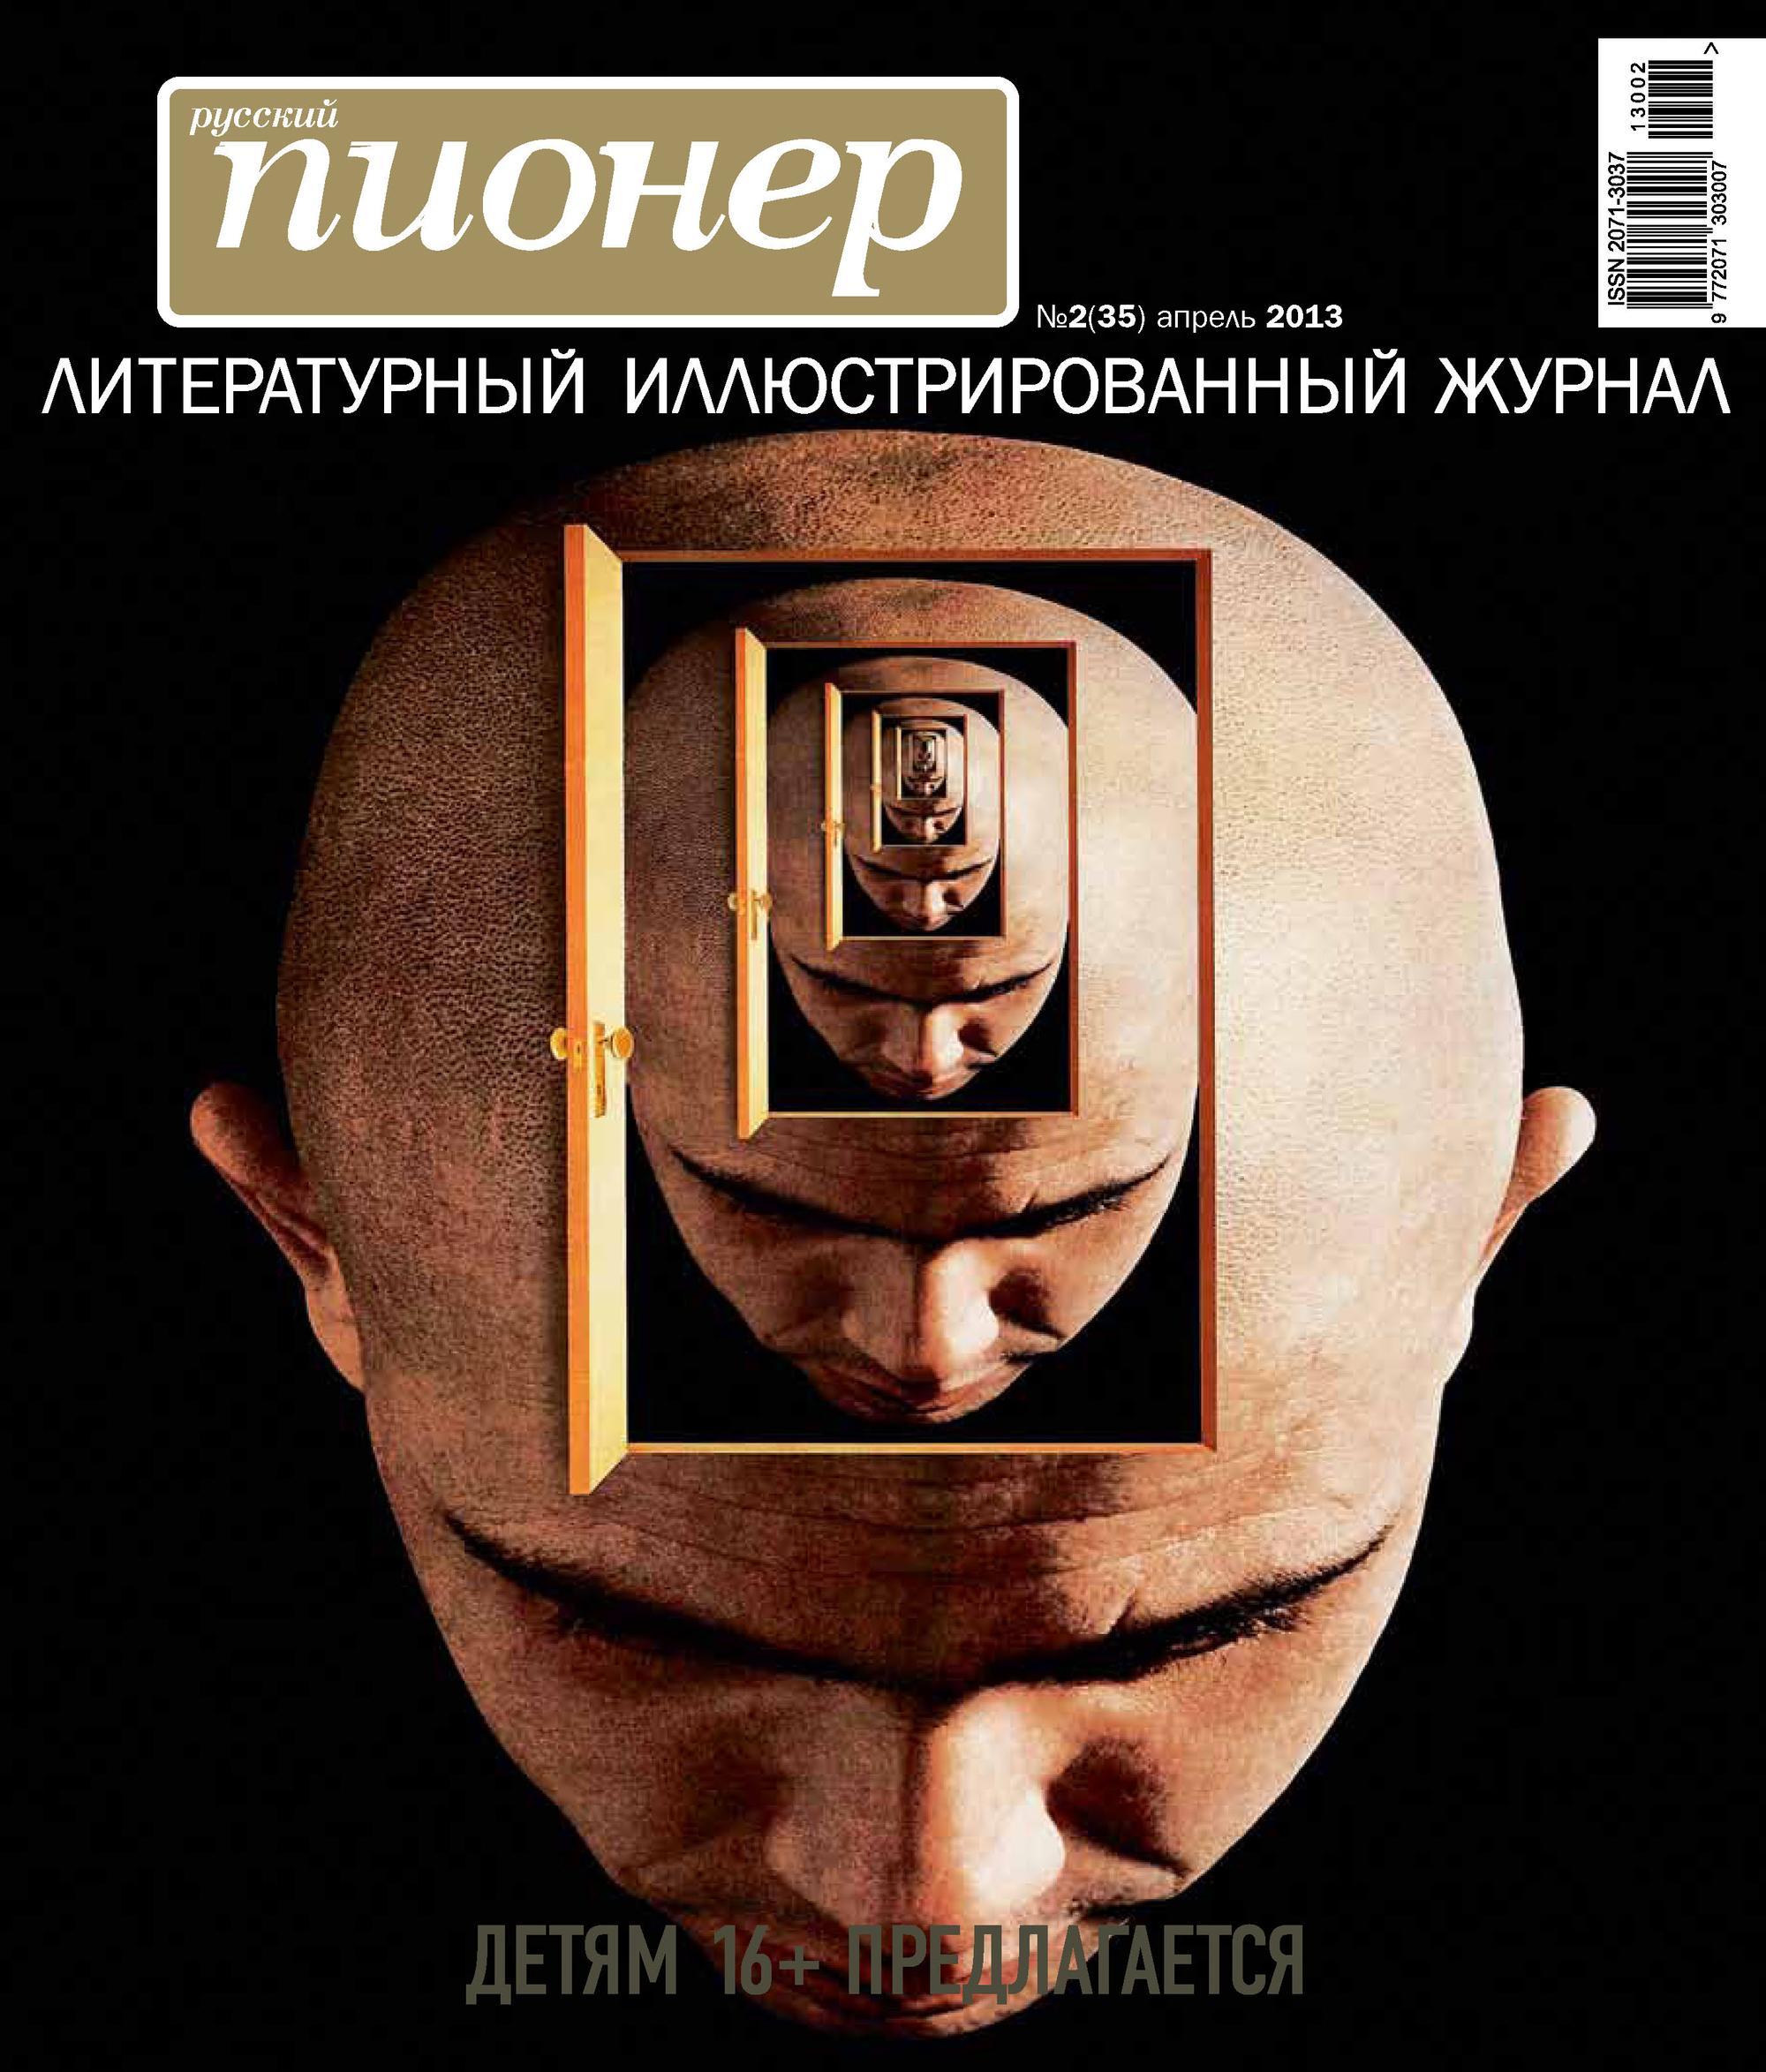 Русский пионер №2 (35), апрель 2013